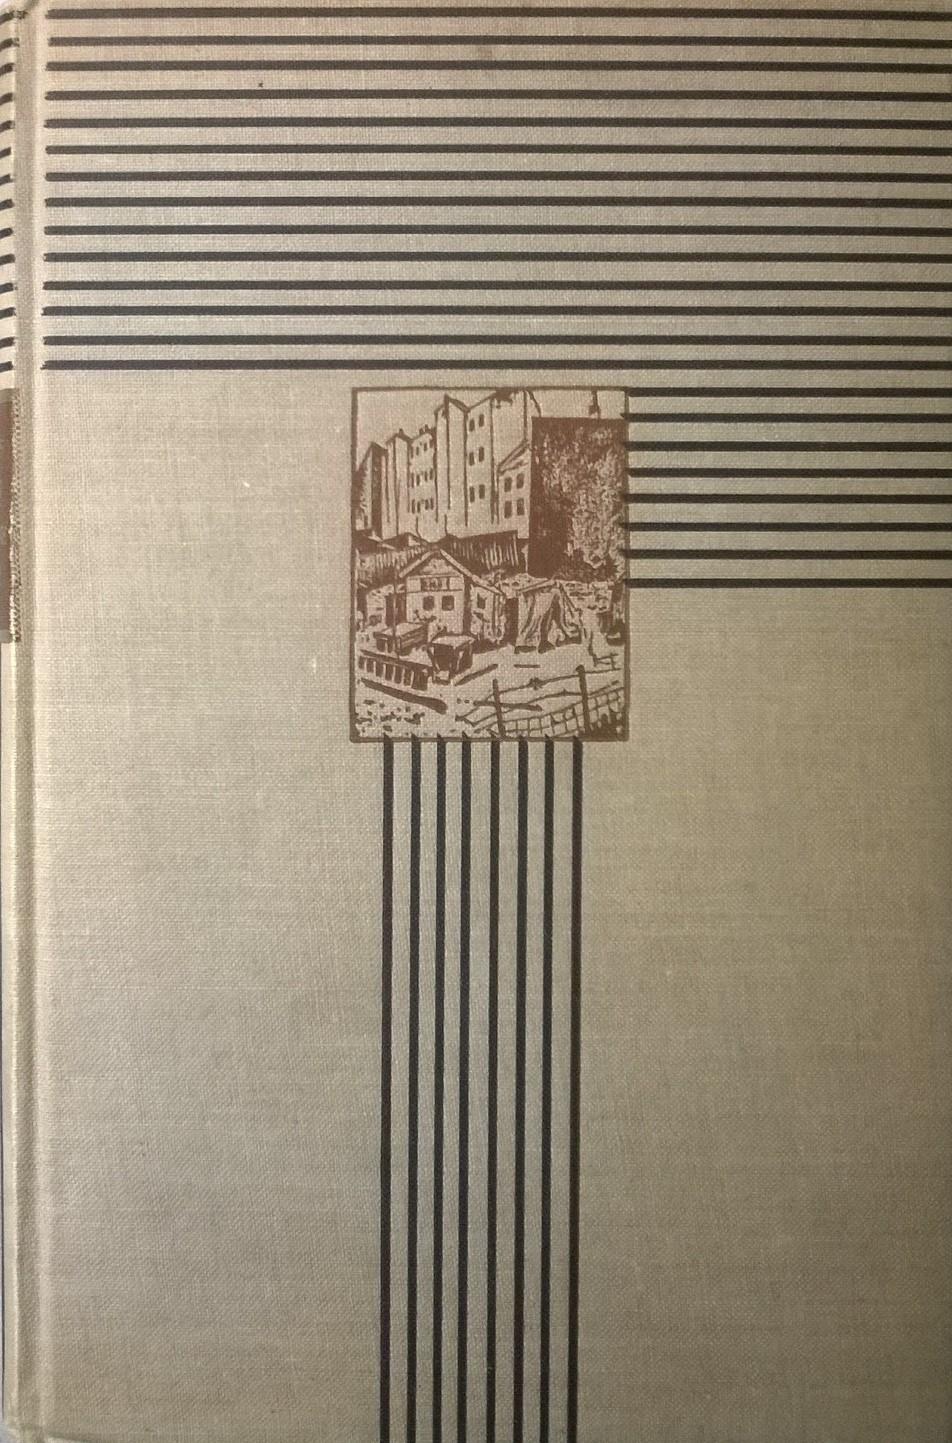 Nilsen, Rudolf Samlede dikte: Med et forord av Arnulf Øverland